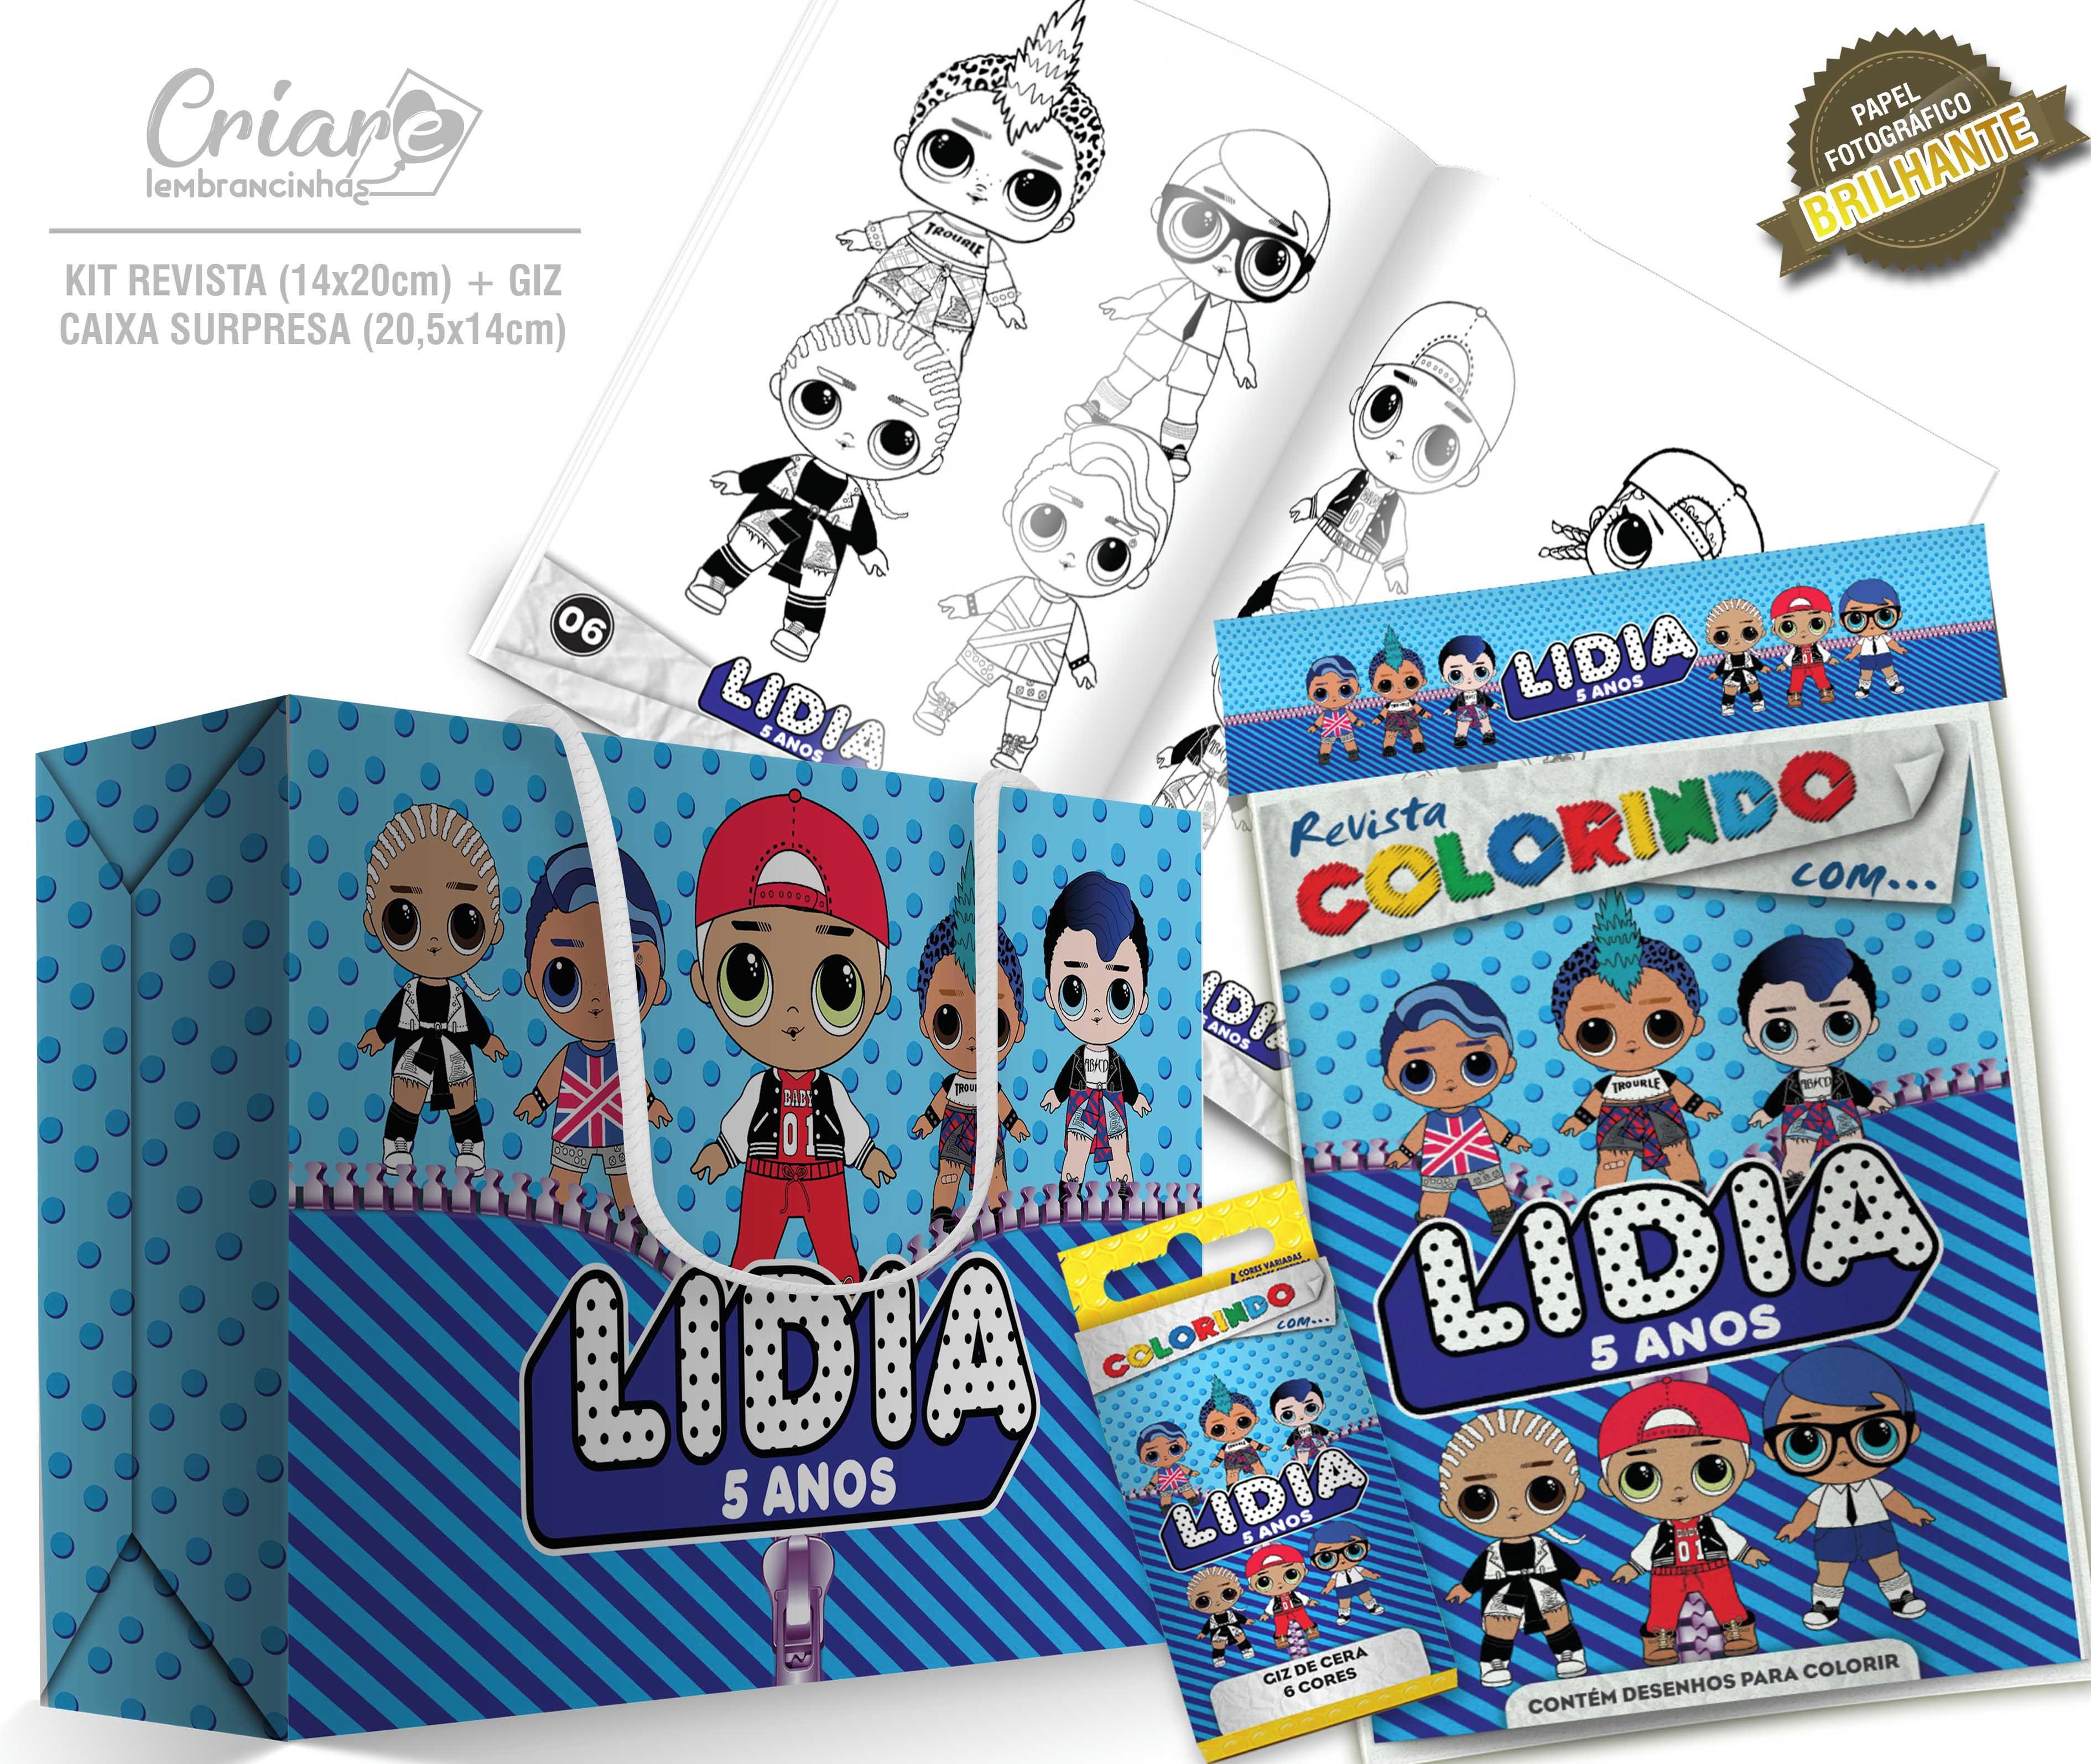 Caixa Surpresa Kit De Colorir Lol Surprise Meninos No Elo7